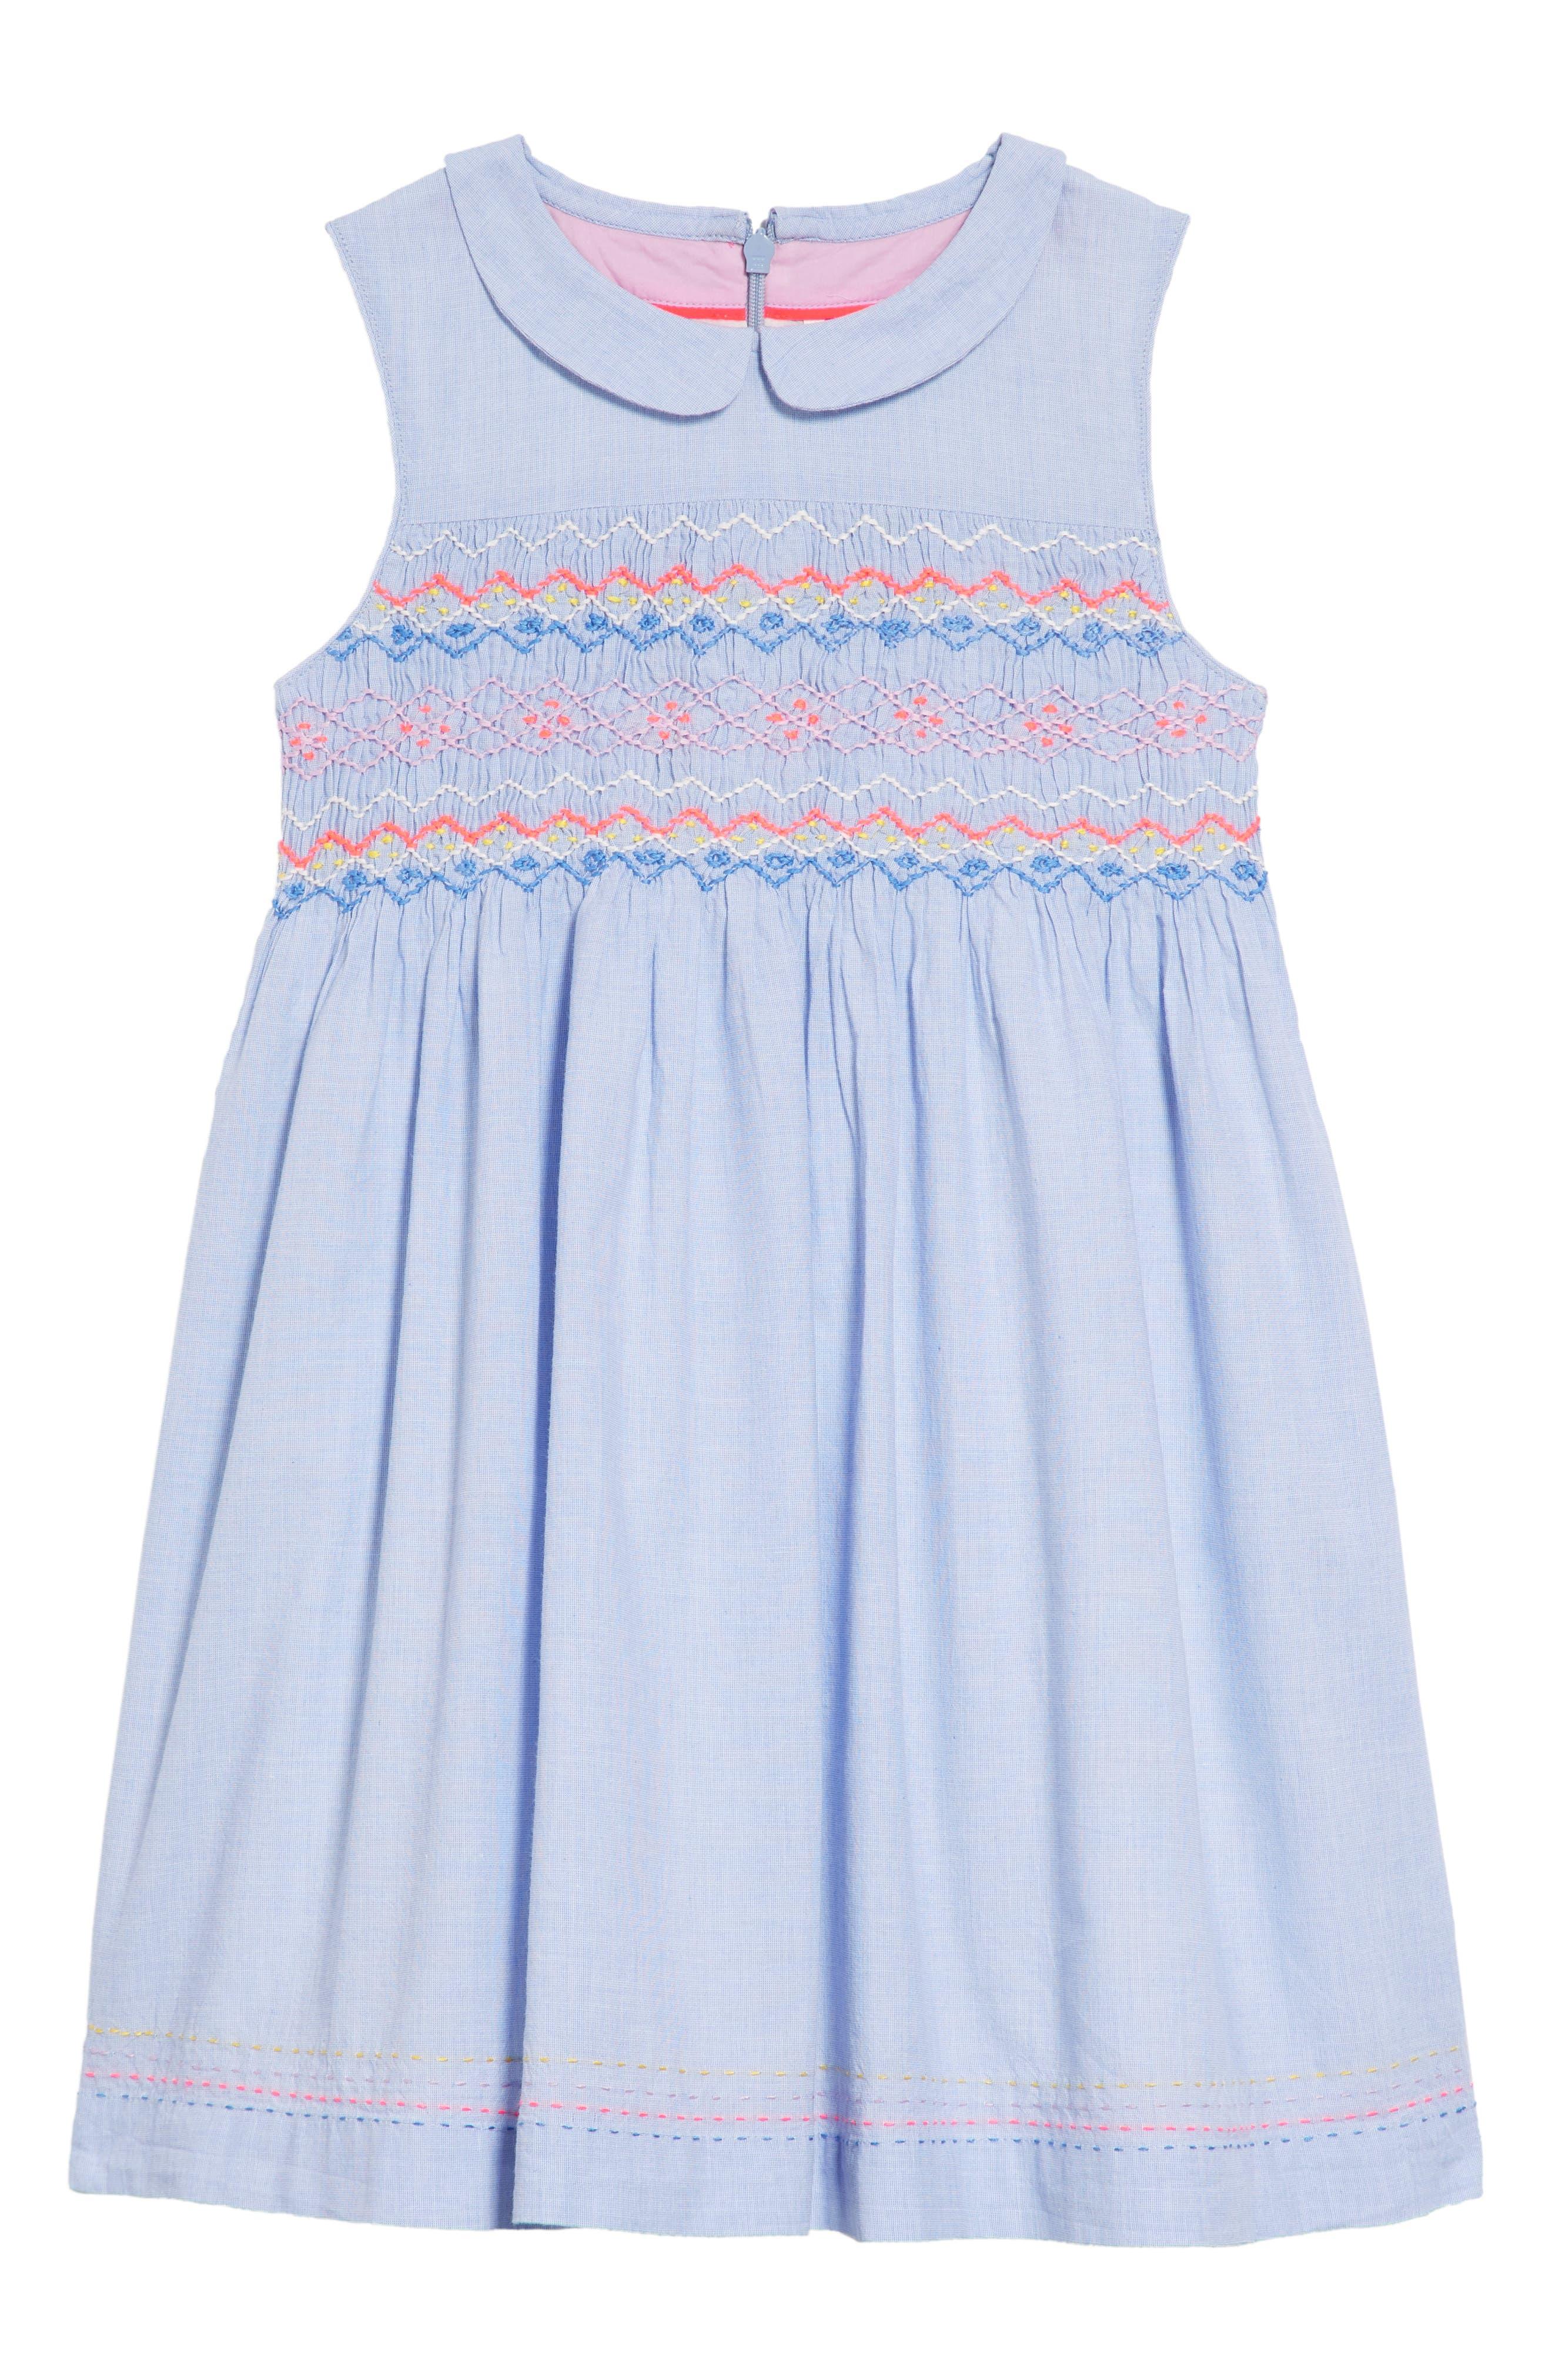 Mini Boden Nostalgic Smocked Dress (Toddler Girls, Little Girls & Big Girls)